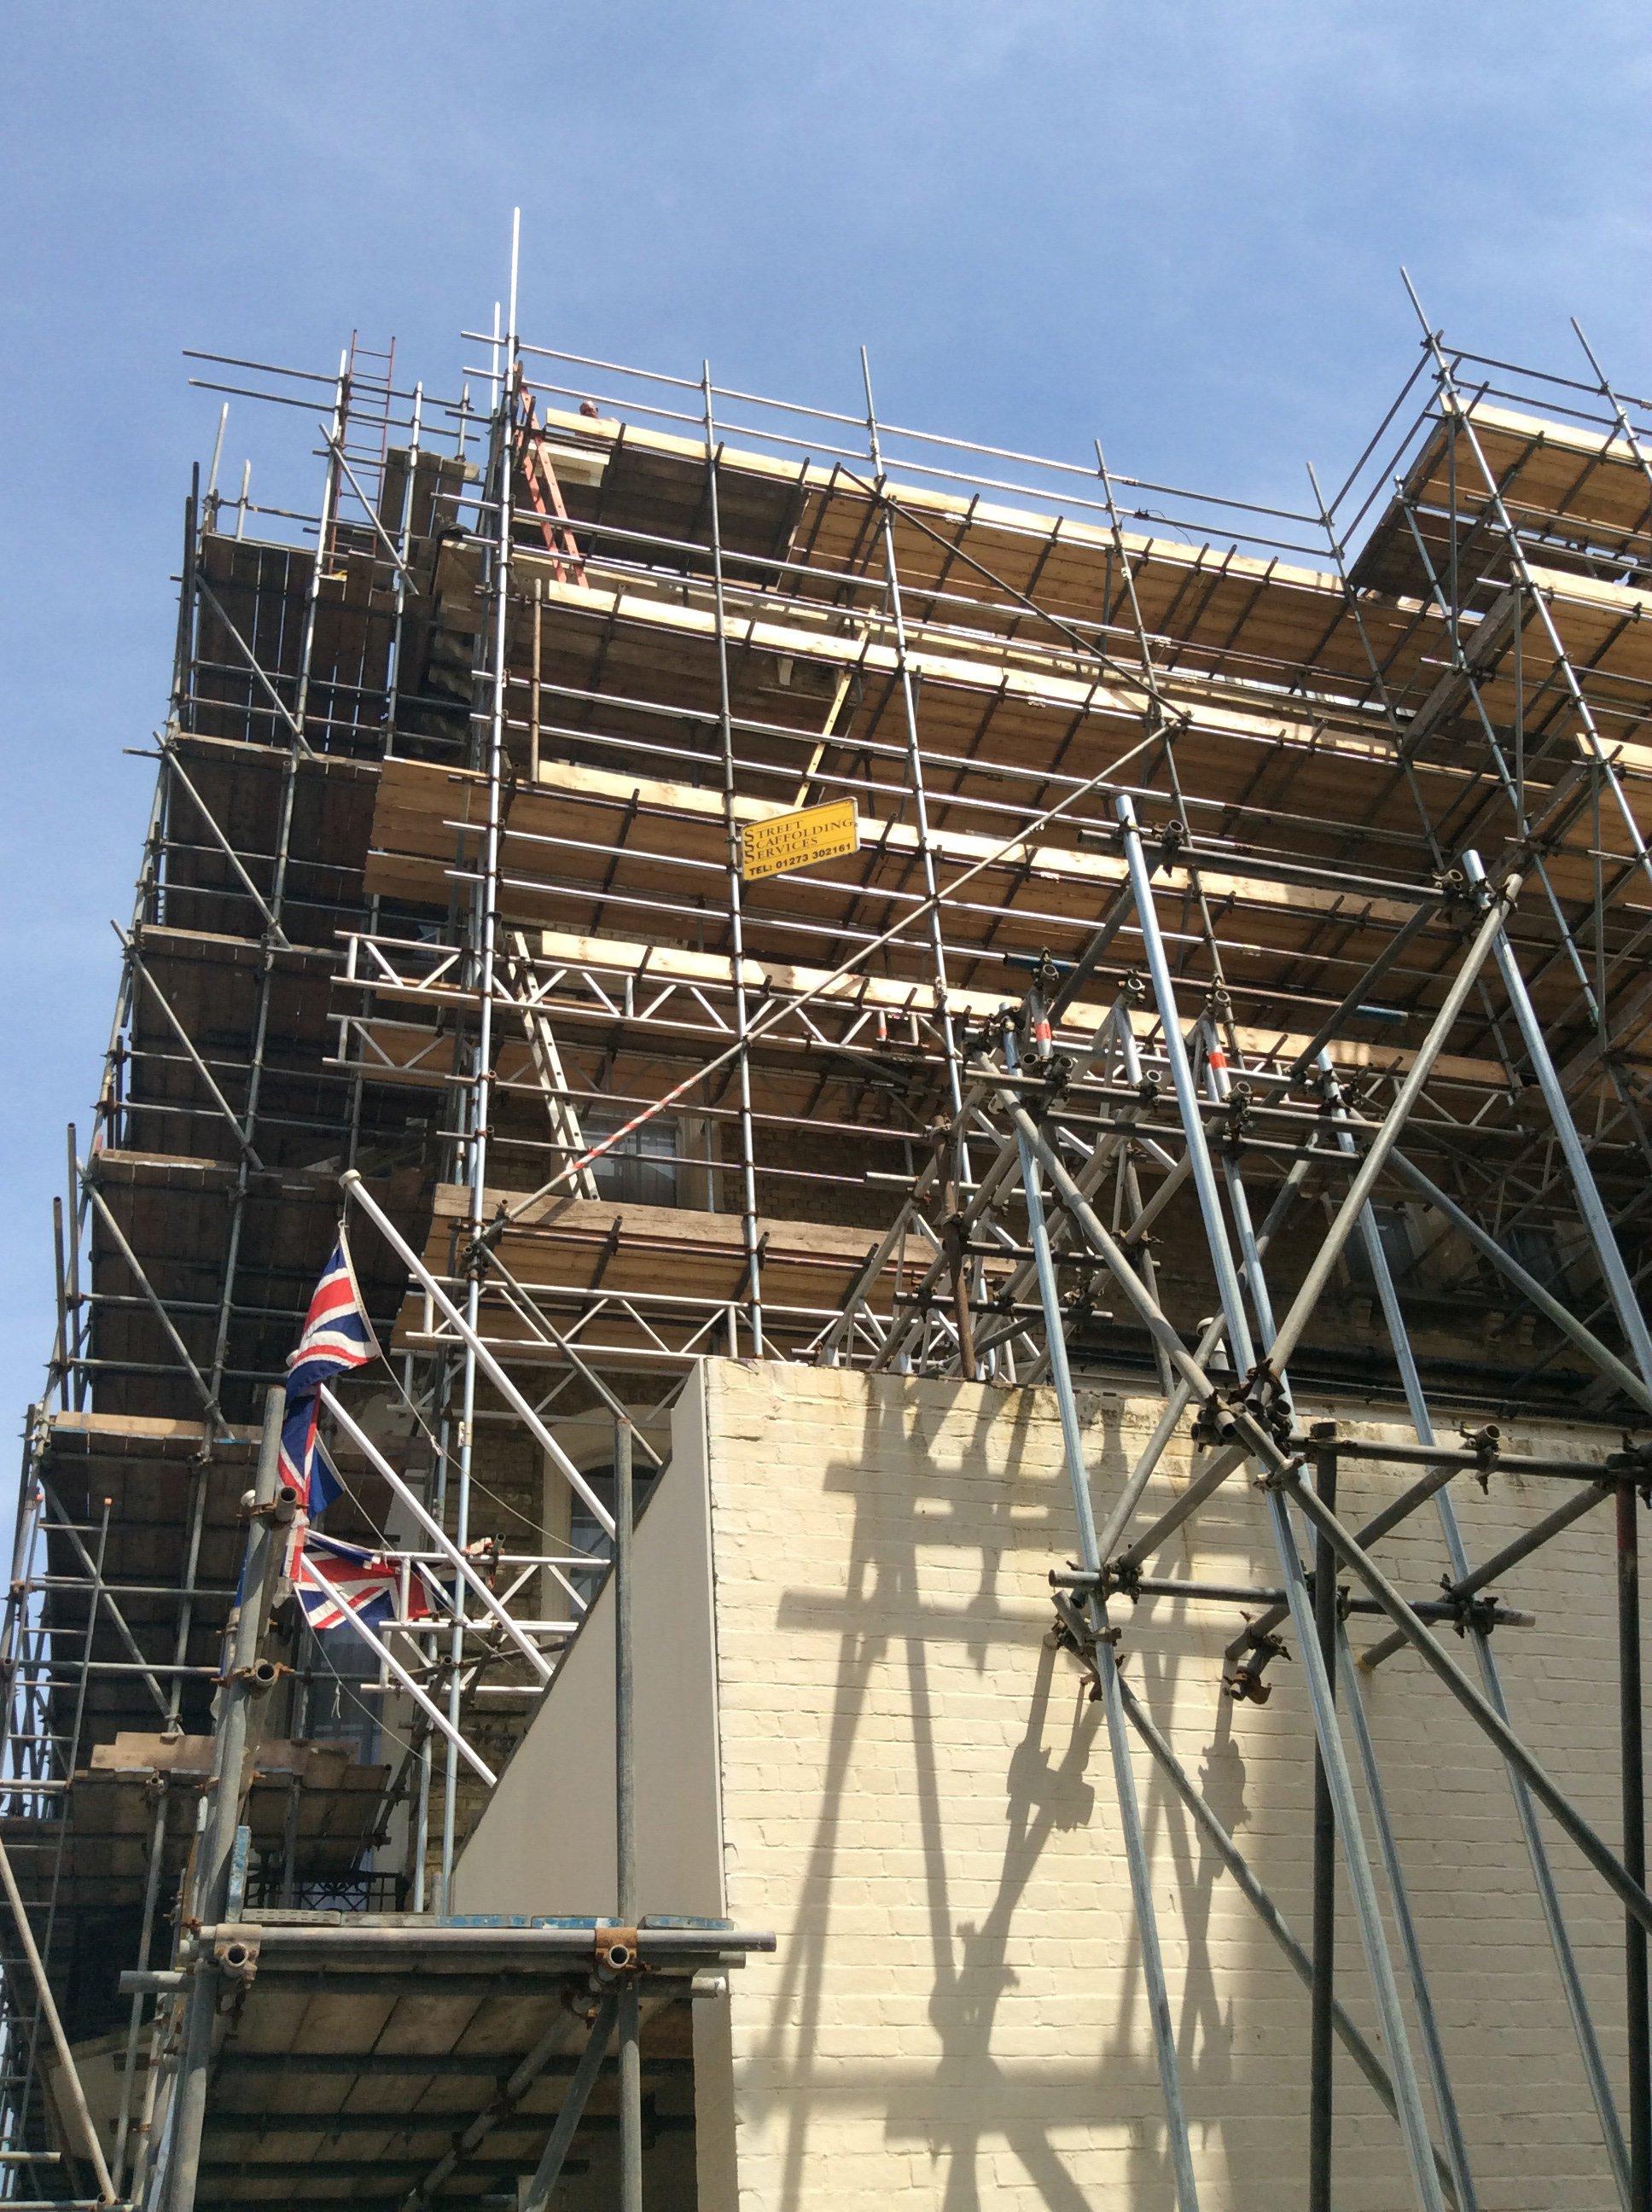 scaffolding in Brighton